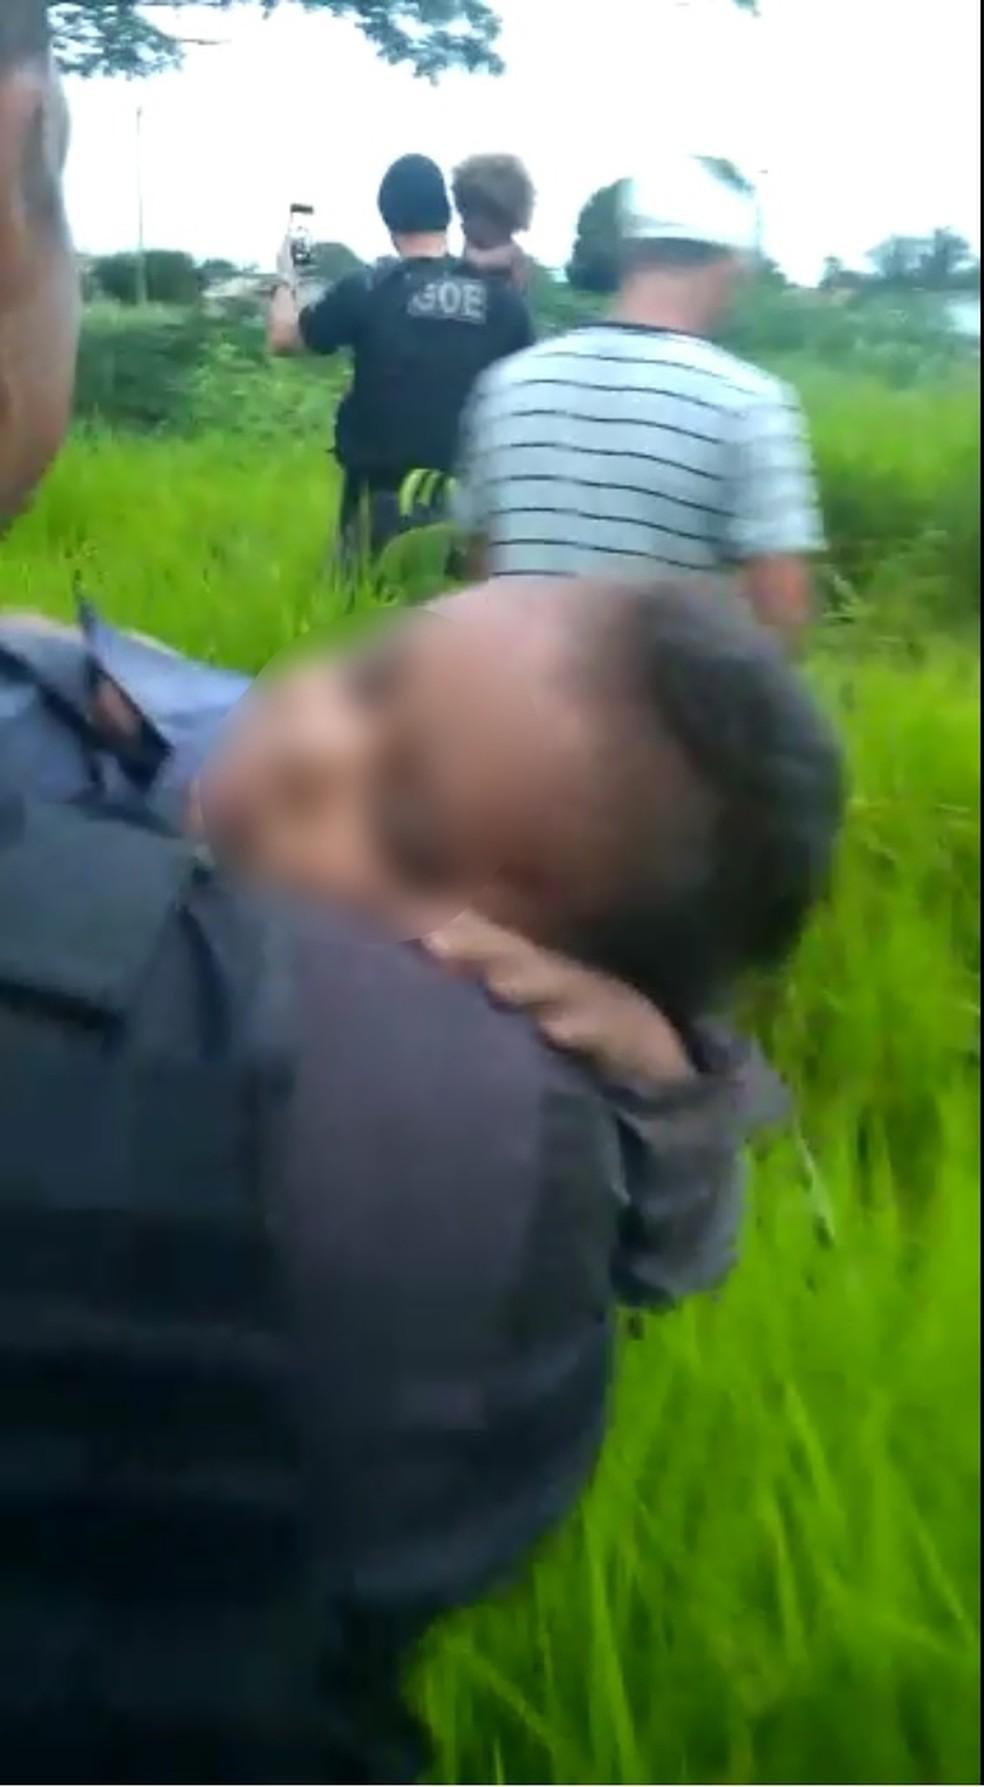 Crianças foram socorridas por policiais após ficarem sozinhas em mata por 8 horas em Nova Lacerda — Foto: Gerência de Operações Especiais (GOE)